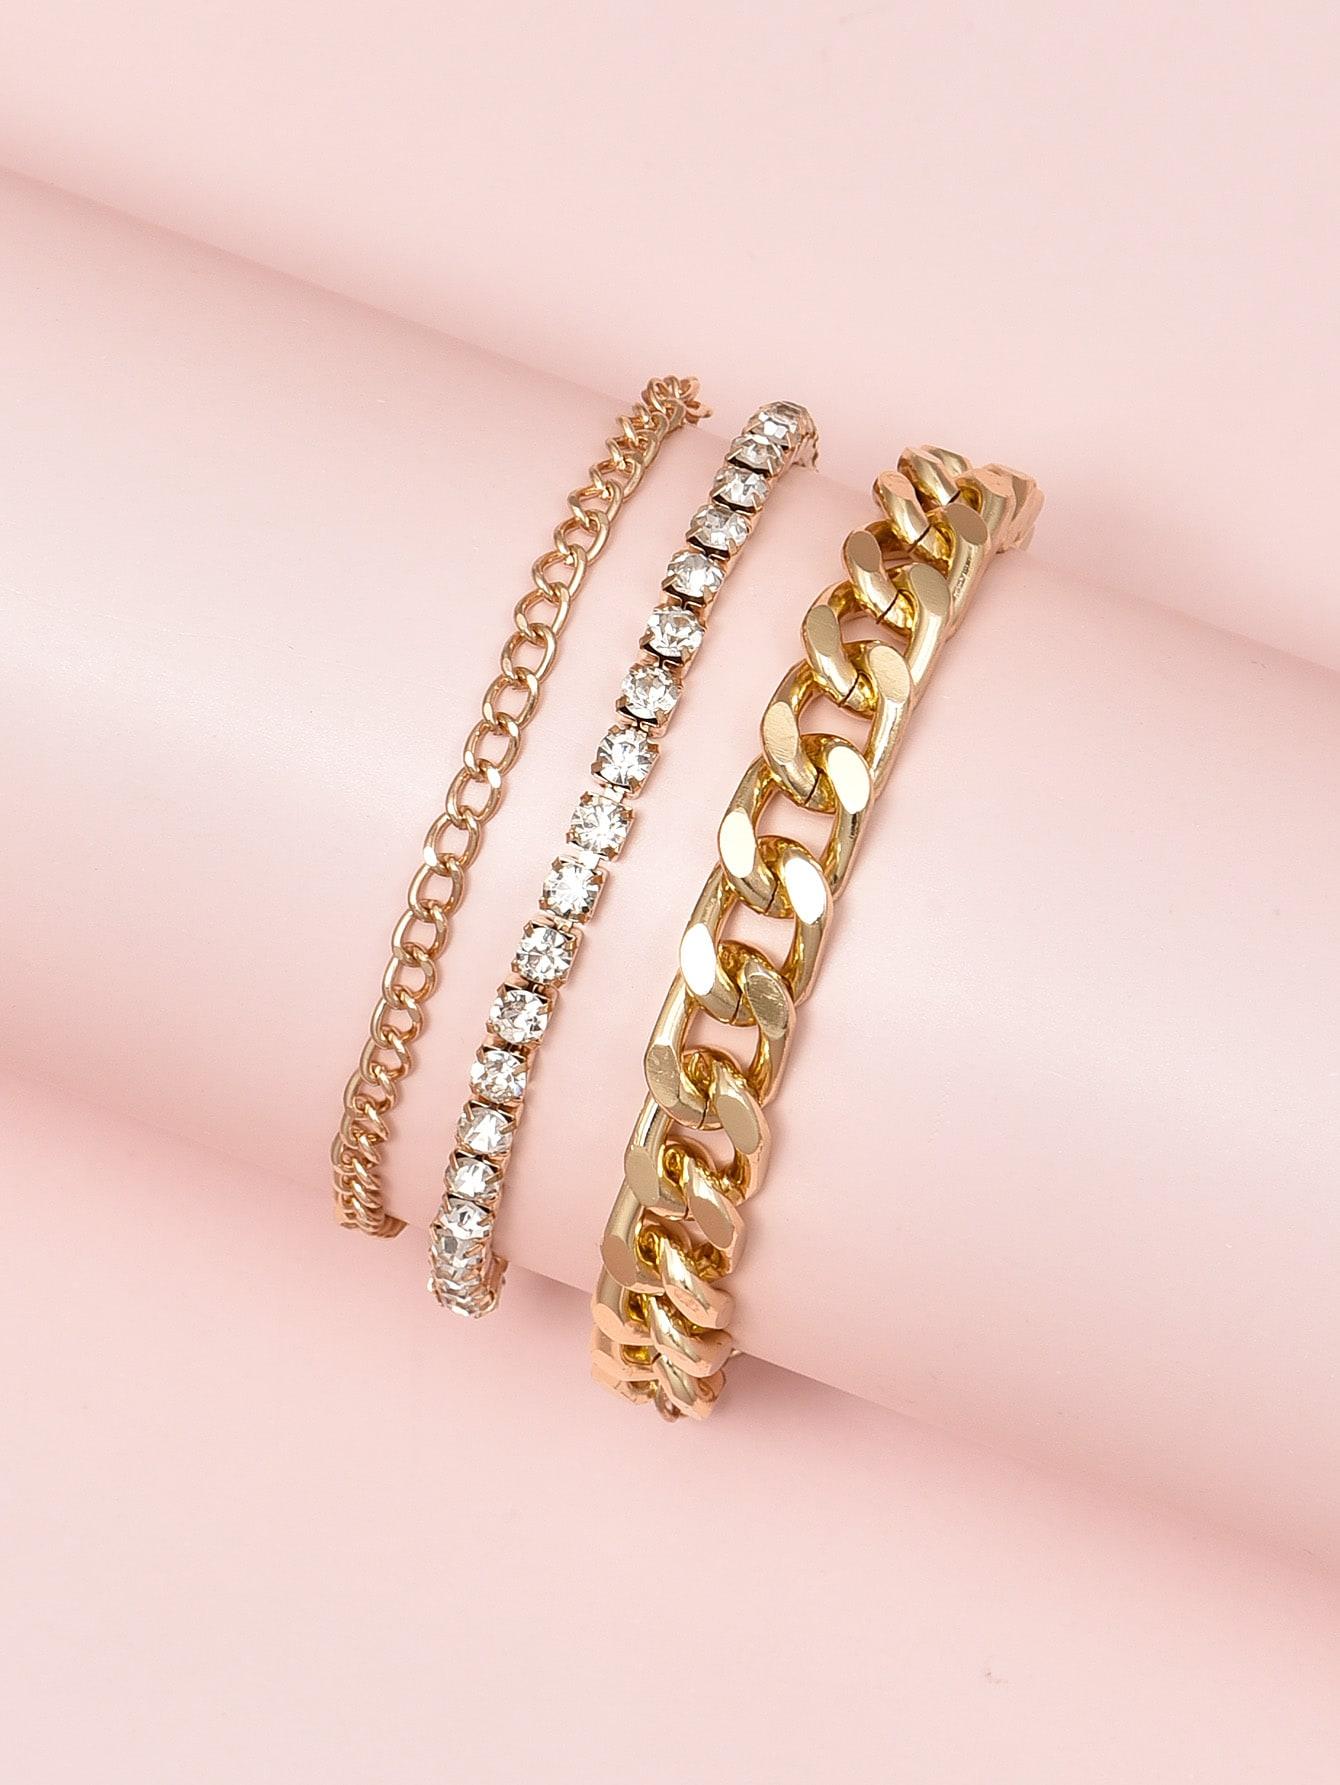 3pcs Rhinestone Decor Bracelet thumbnail